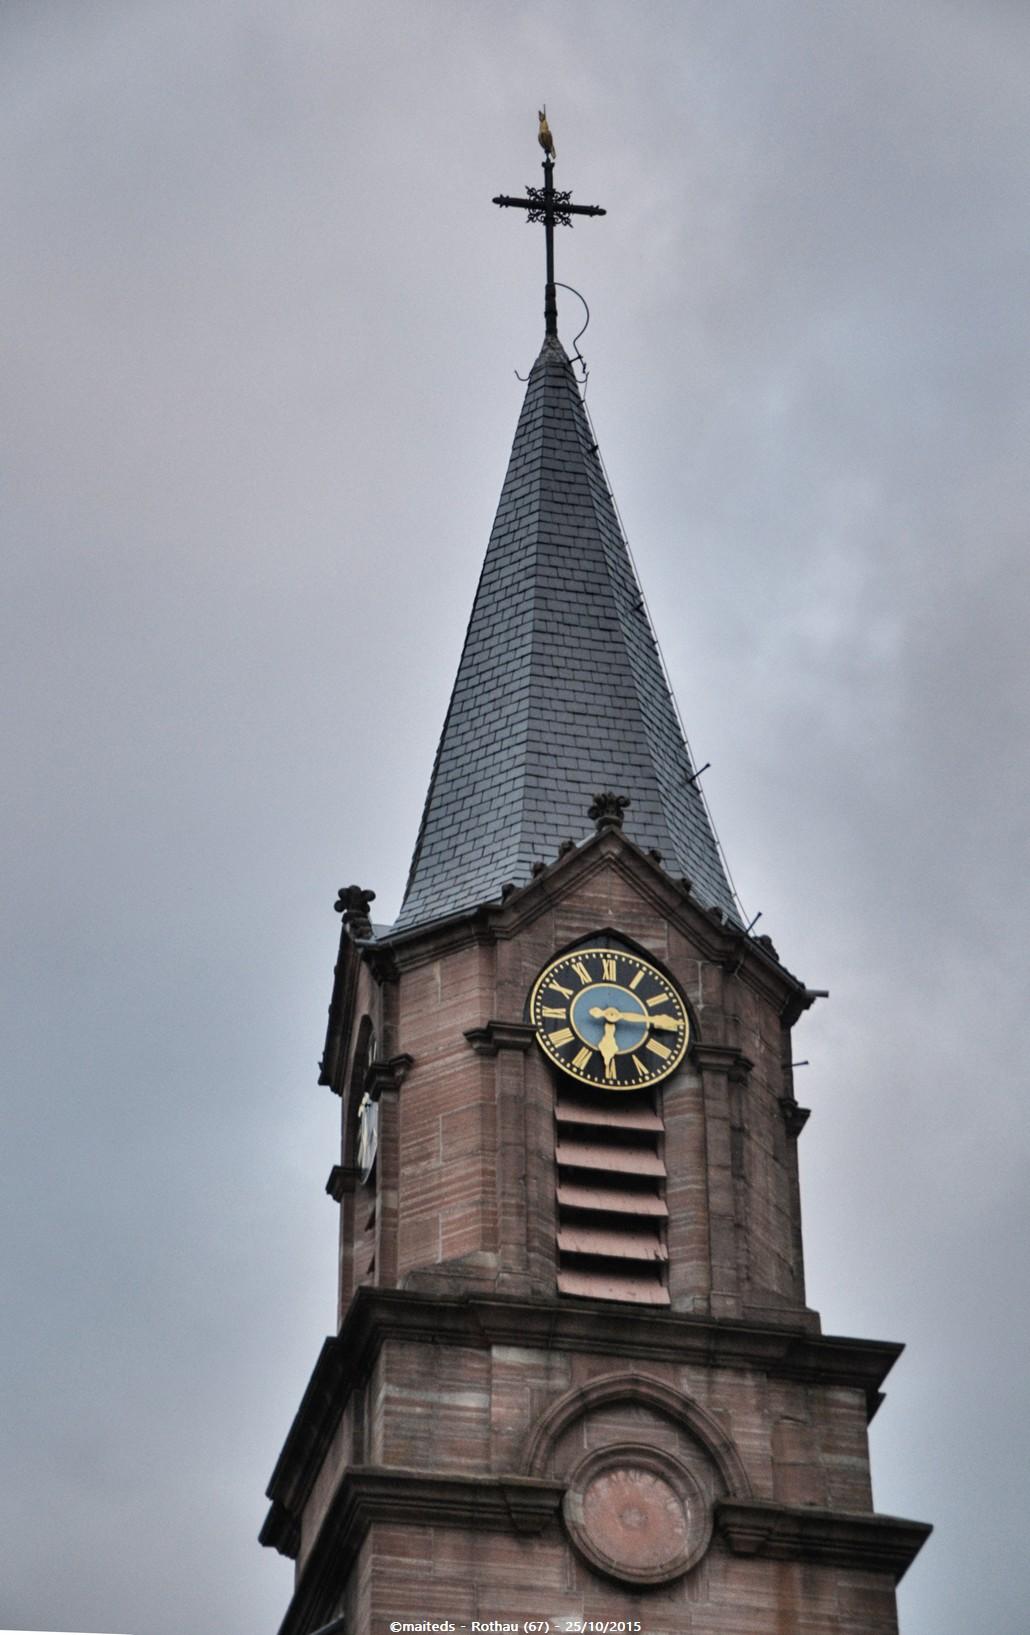 Rothau - Bas-Rhin